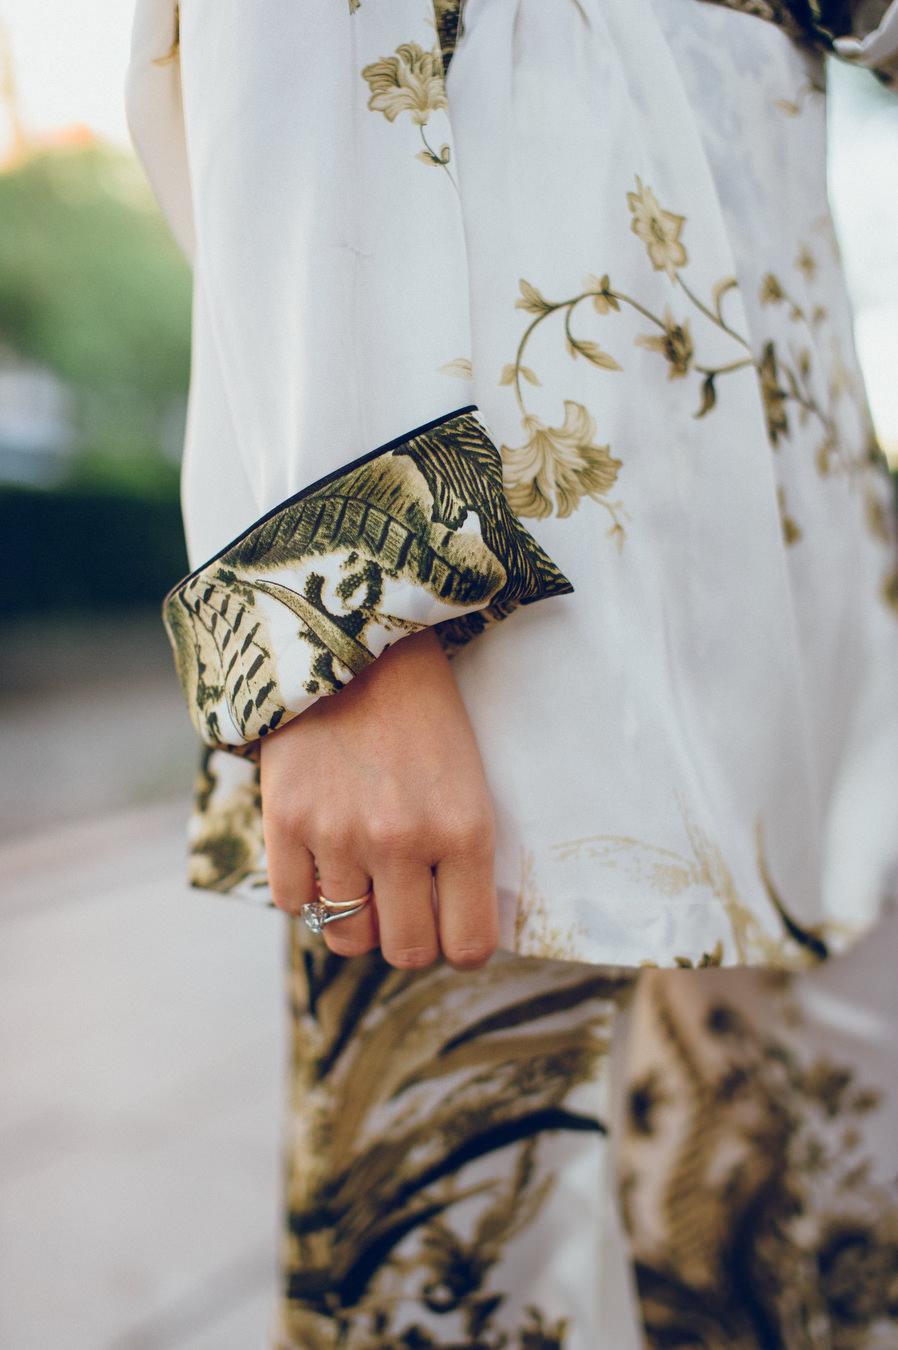 calista-one-lista-de-bodas-online-blog-de-bodas-bossanova-looks-invitadas-adriana-kimono-7